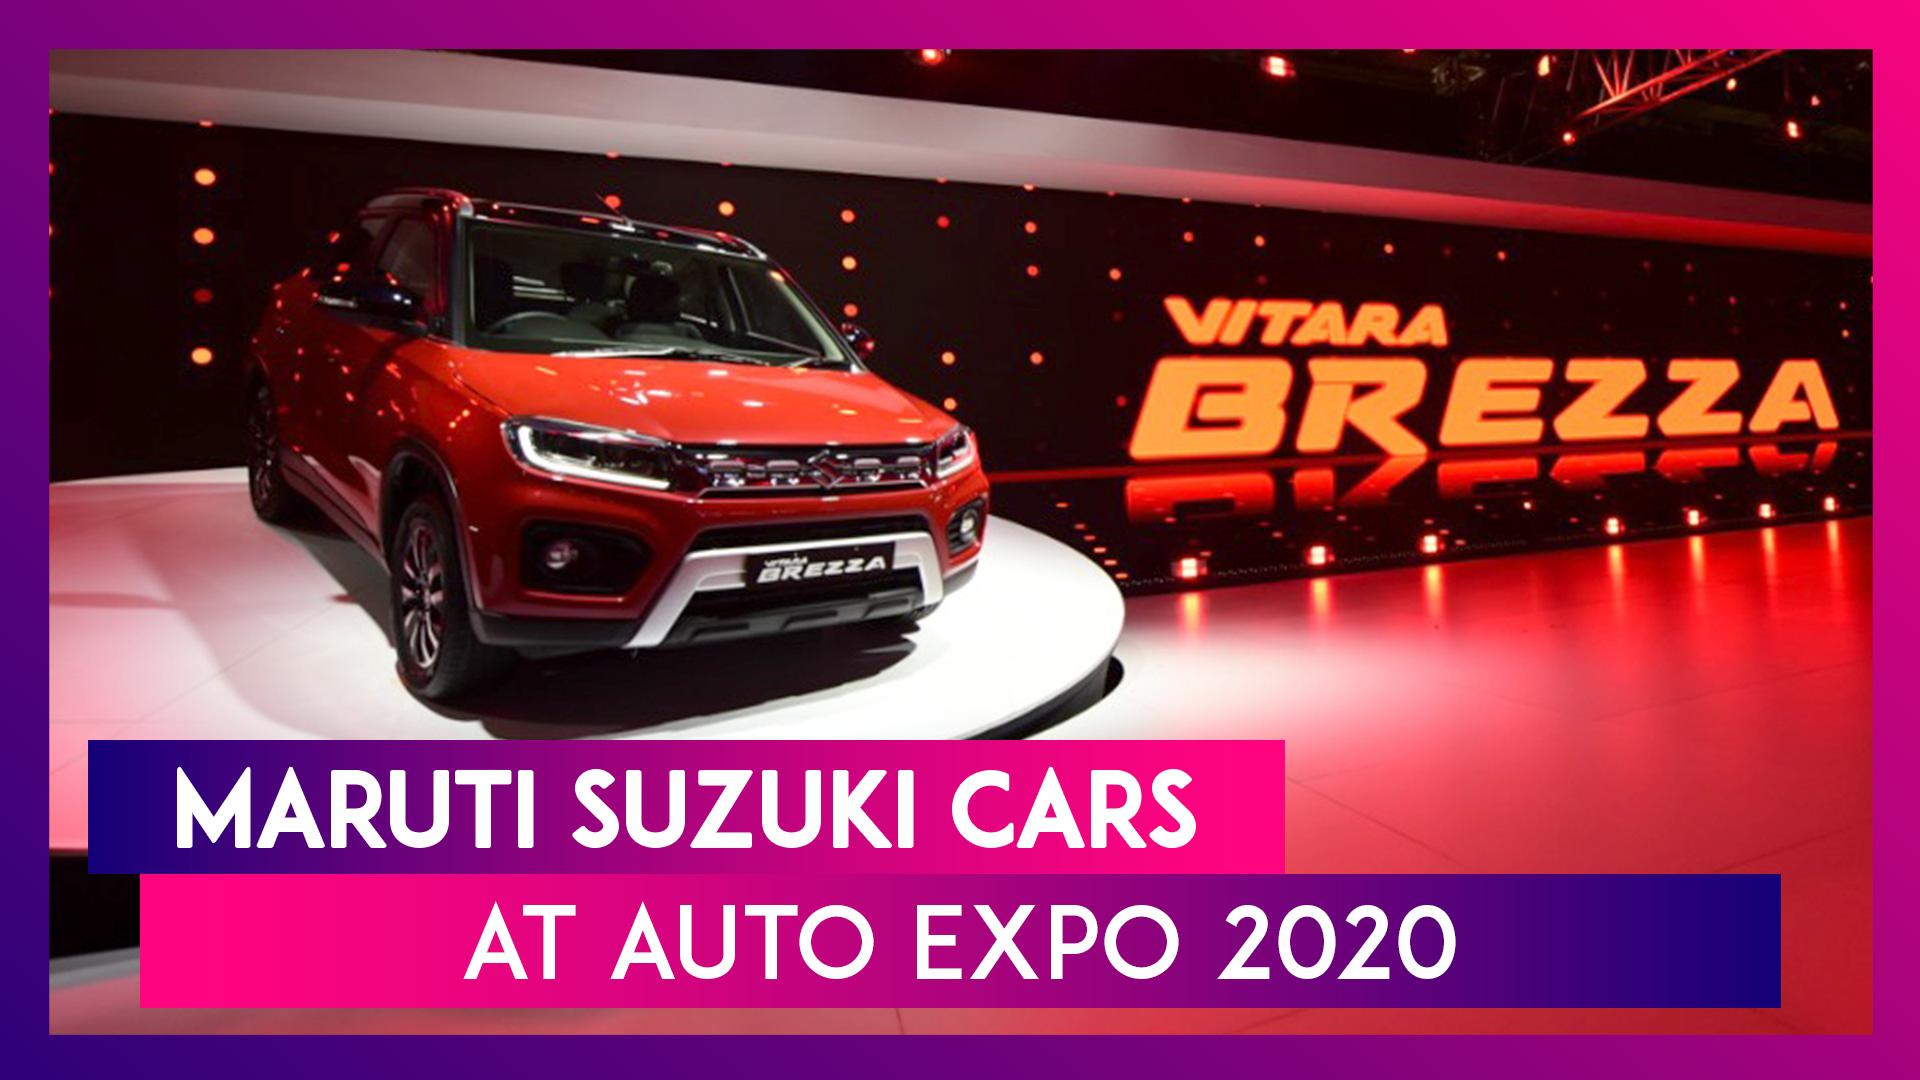 Maruti Suzuki At Auto Expo 2020: New Vitara Brezza, New Ignis, Futuro-e Concept, S-Cross & More